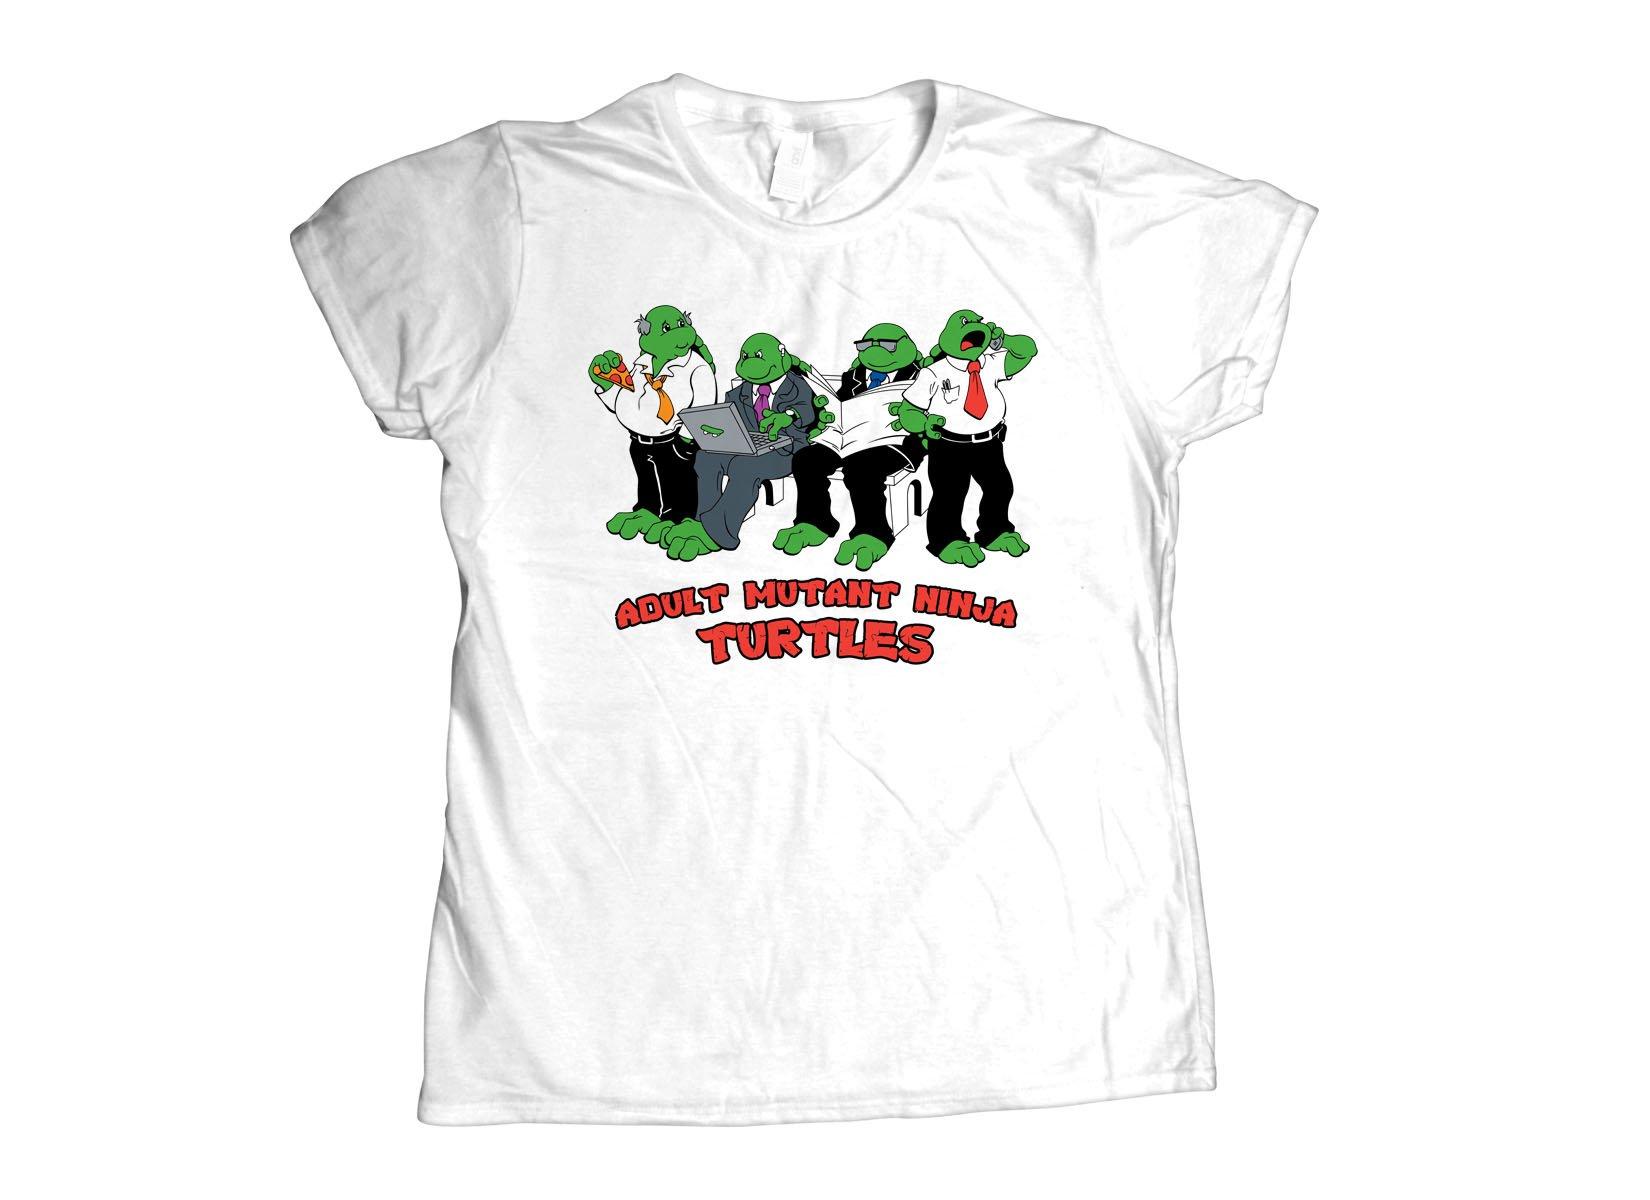 Adult Mutant Ninja Turtles on Womens T-Shirt